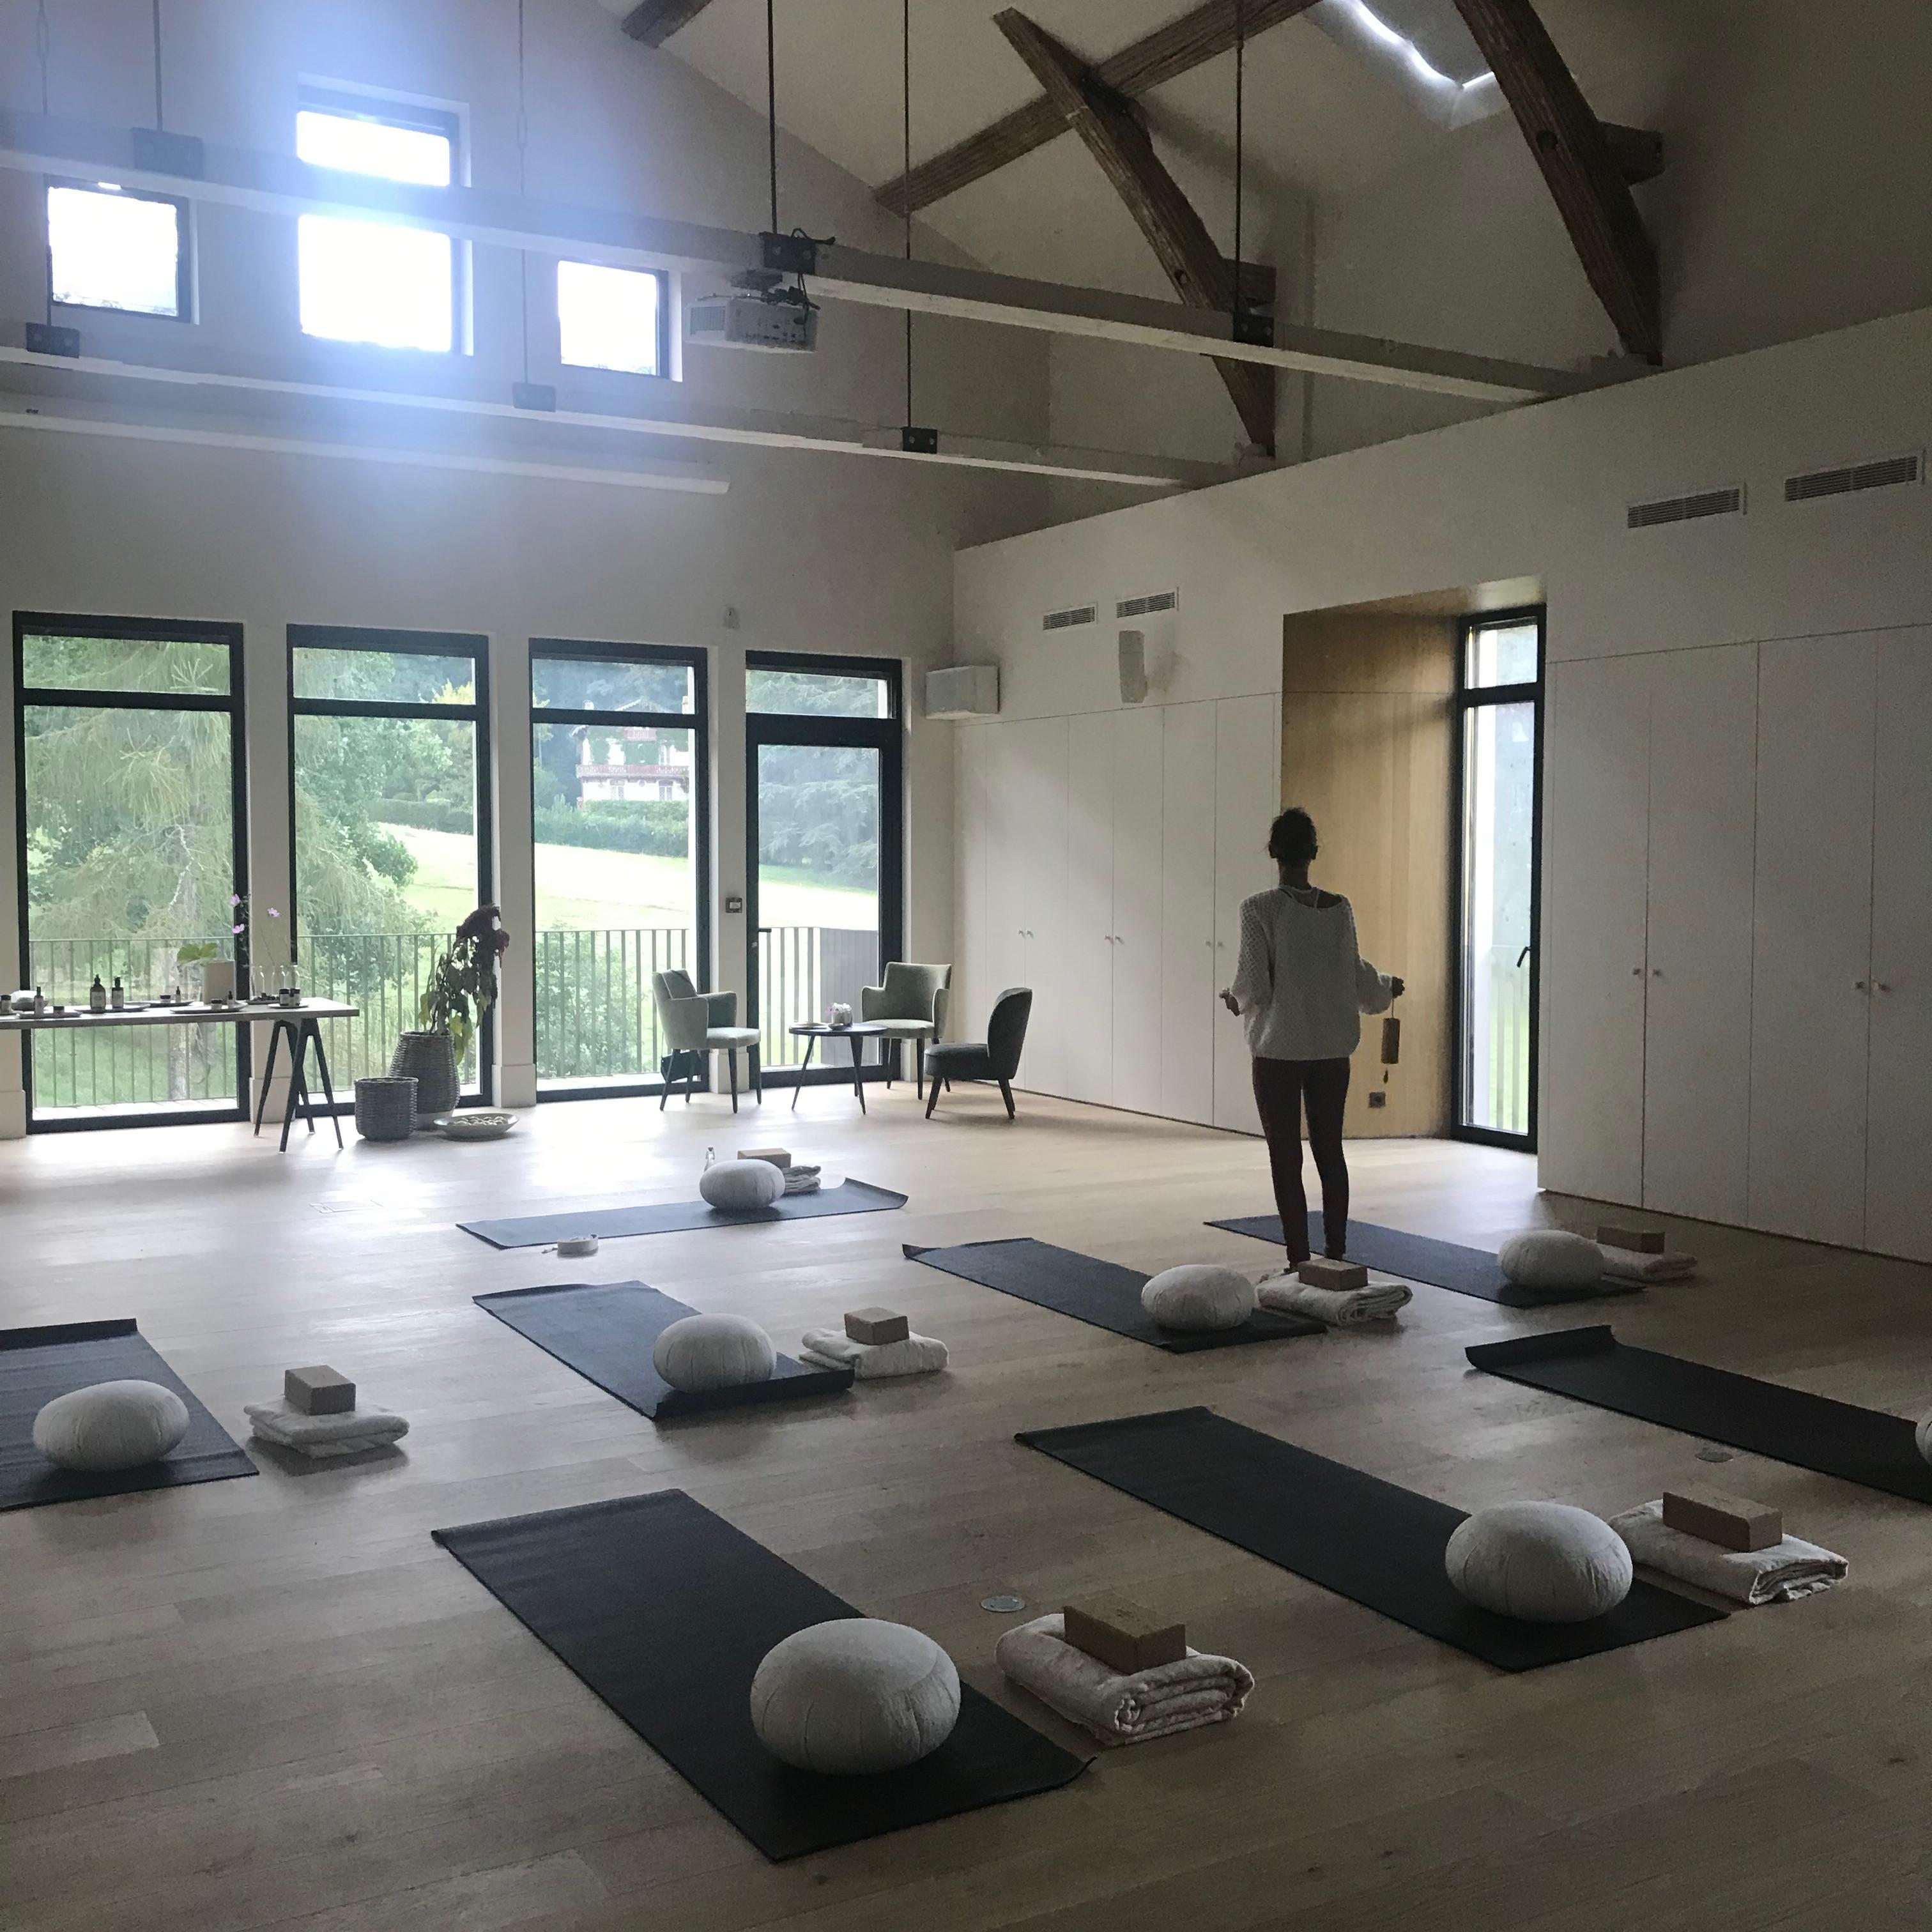 Cours de Yoga à partir de 5 personnes